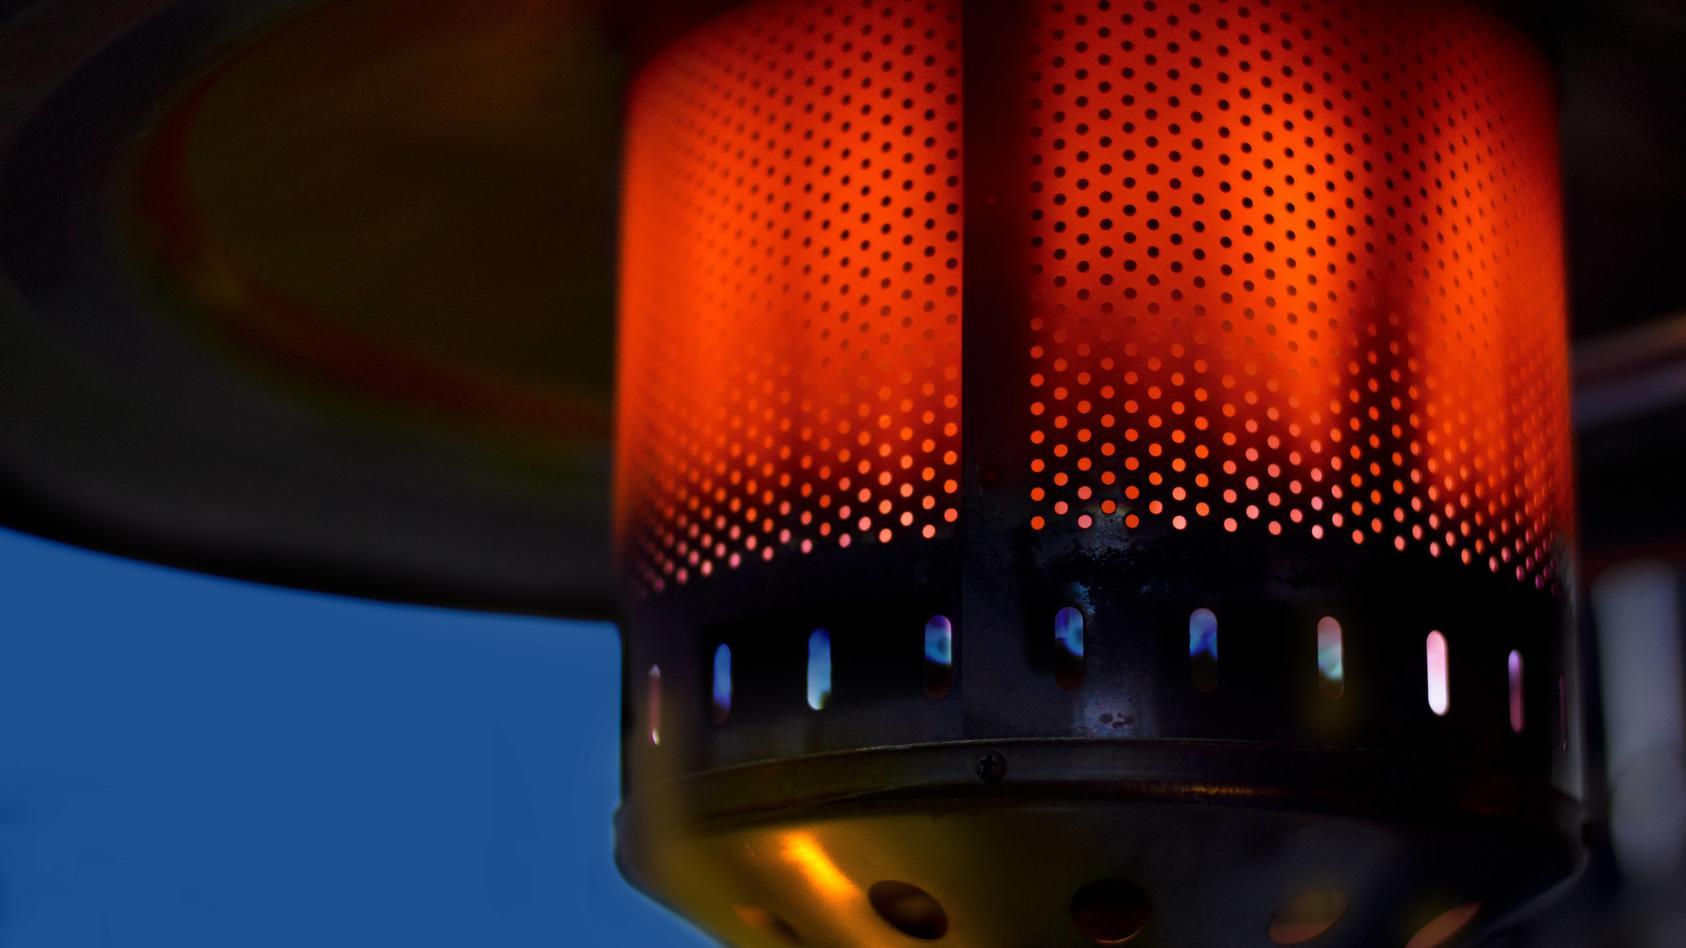 Sie machen es kuschelig warm auch bei kalten Temperaturen: Heizpilze. Doch wie schädlich sind sie?